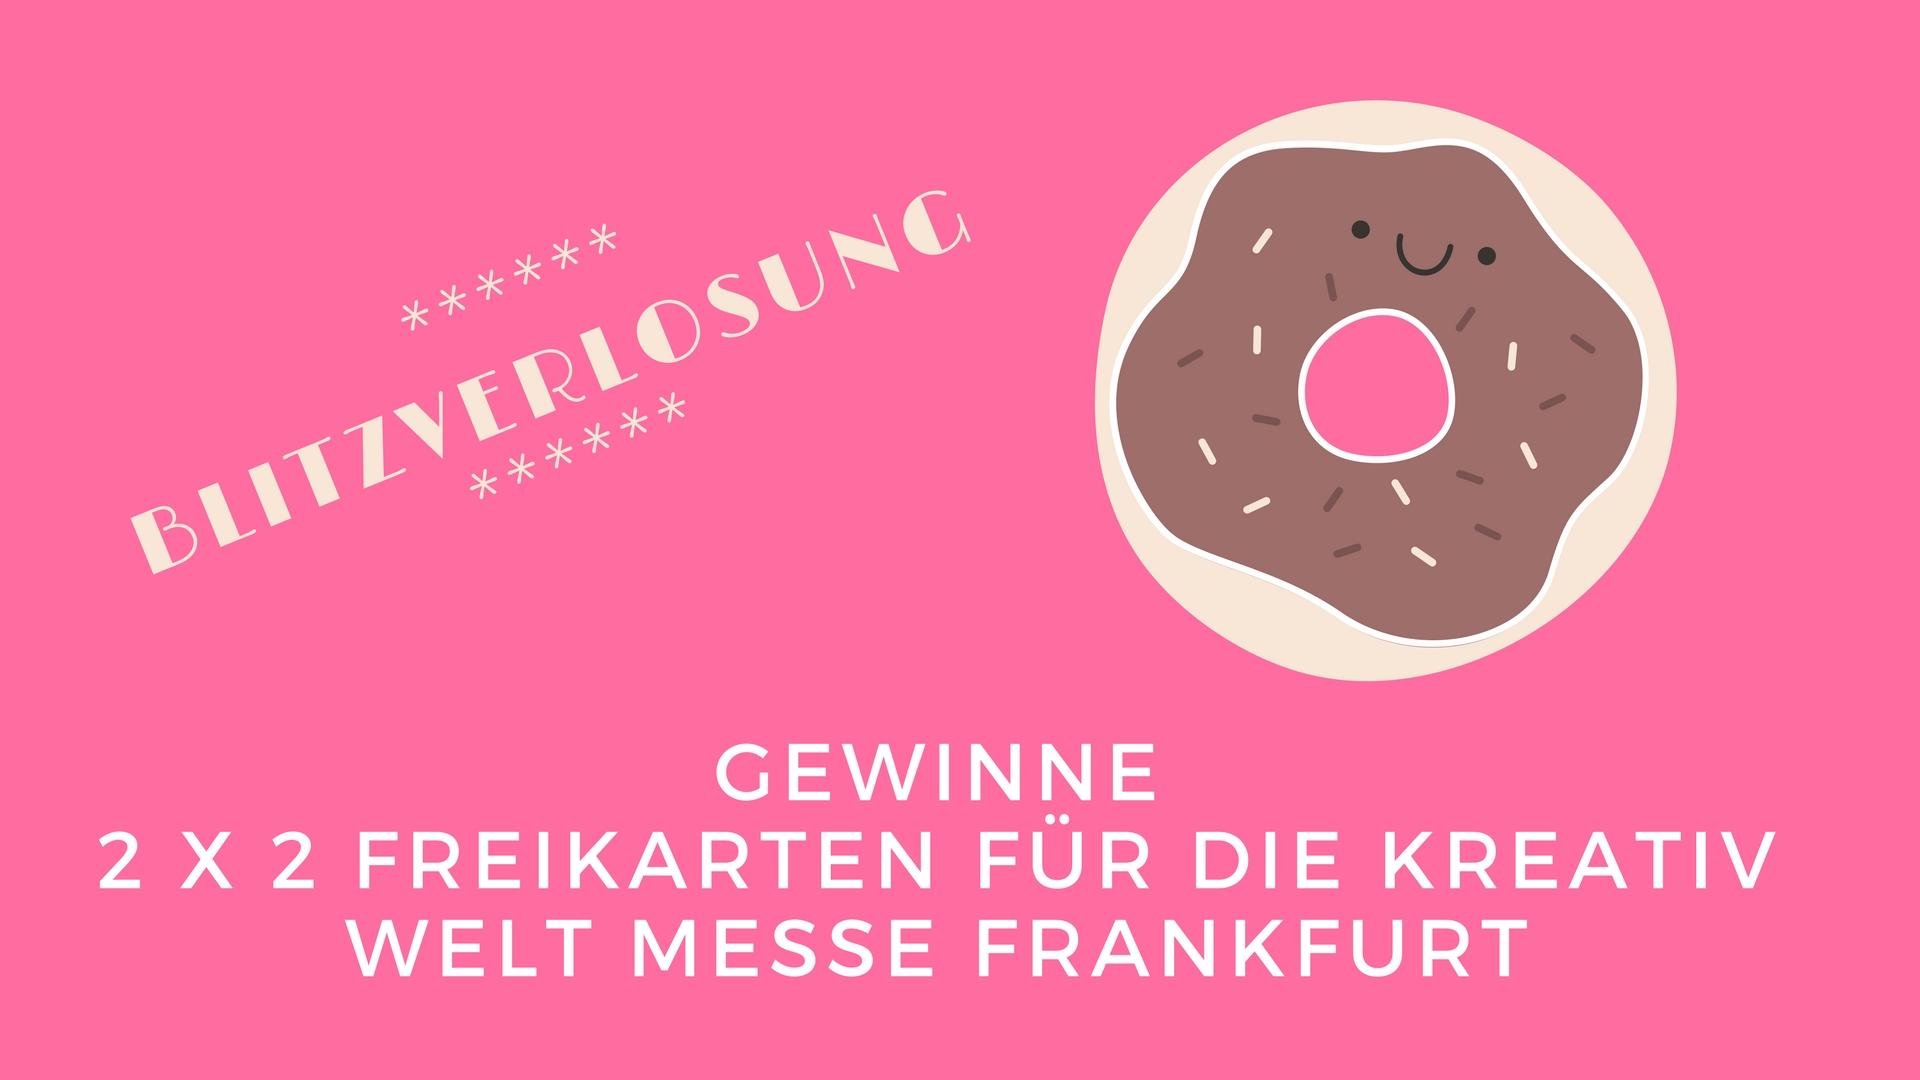 Blitzverlosung! Gewinne 2×2 Freikarten für die Kreativ Welt Messe Frankfurt!